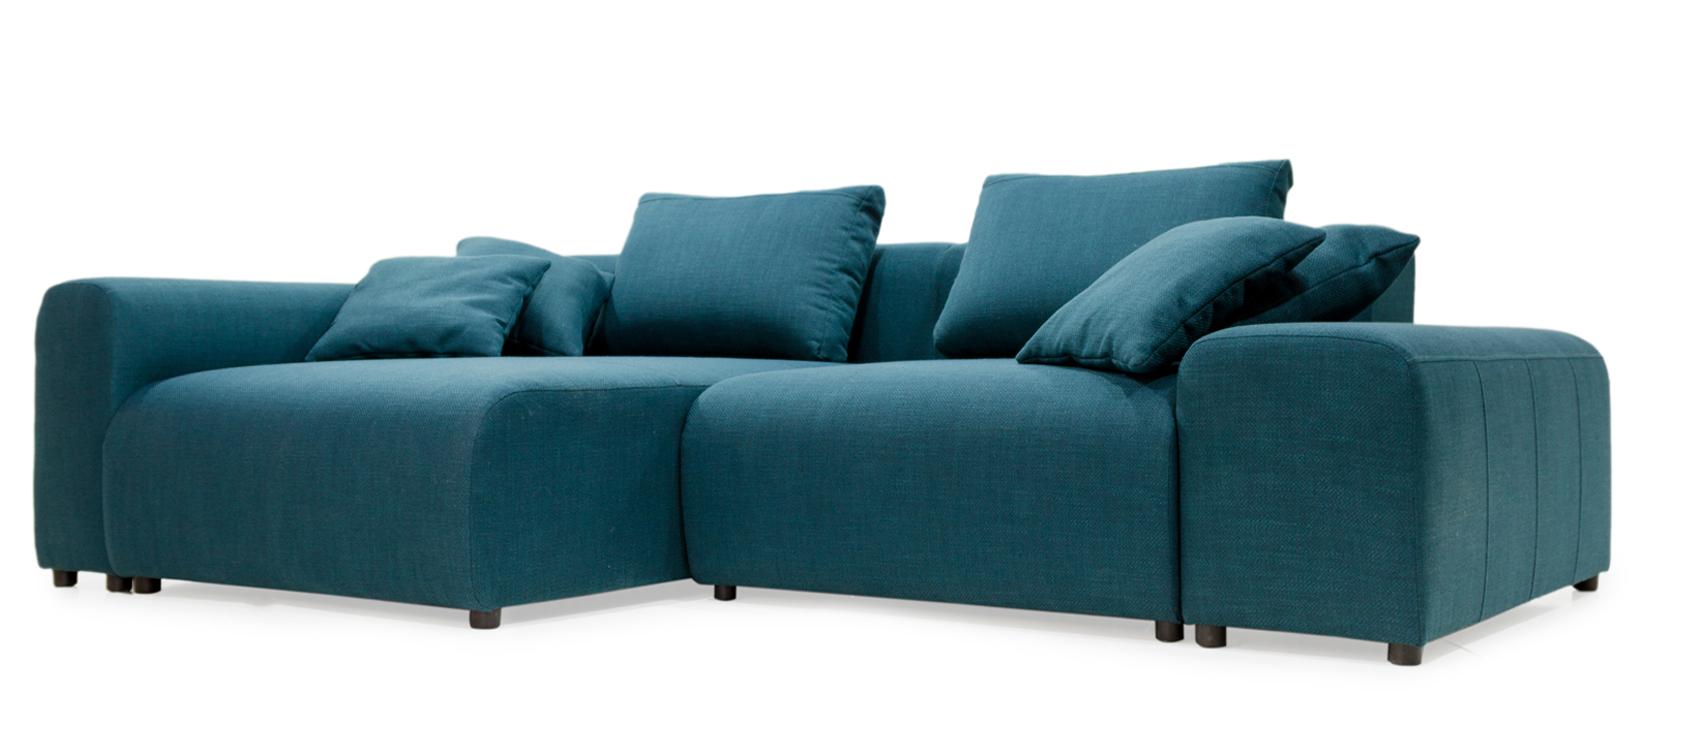 Sofa RAFT foto 2